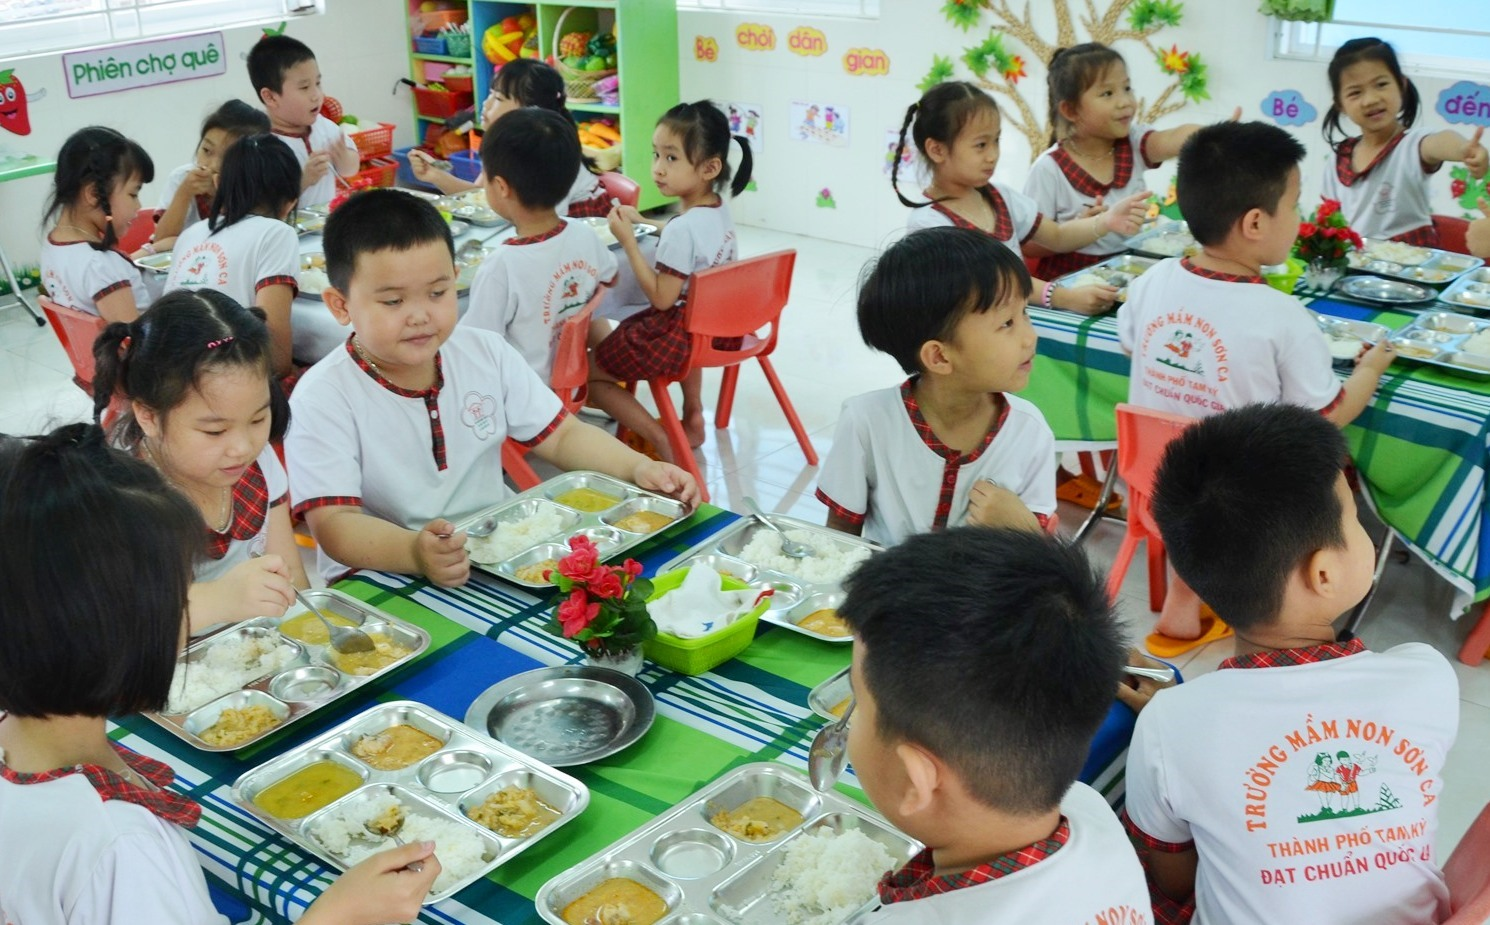 Sáu huyện miền núi của tỉnh được thực hiện mô hình điểm nghiên cứu cấp quốc gia về sức khỏe học đường. Ảnh: H.Phúc